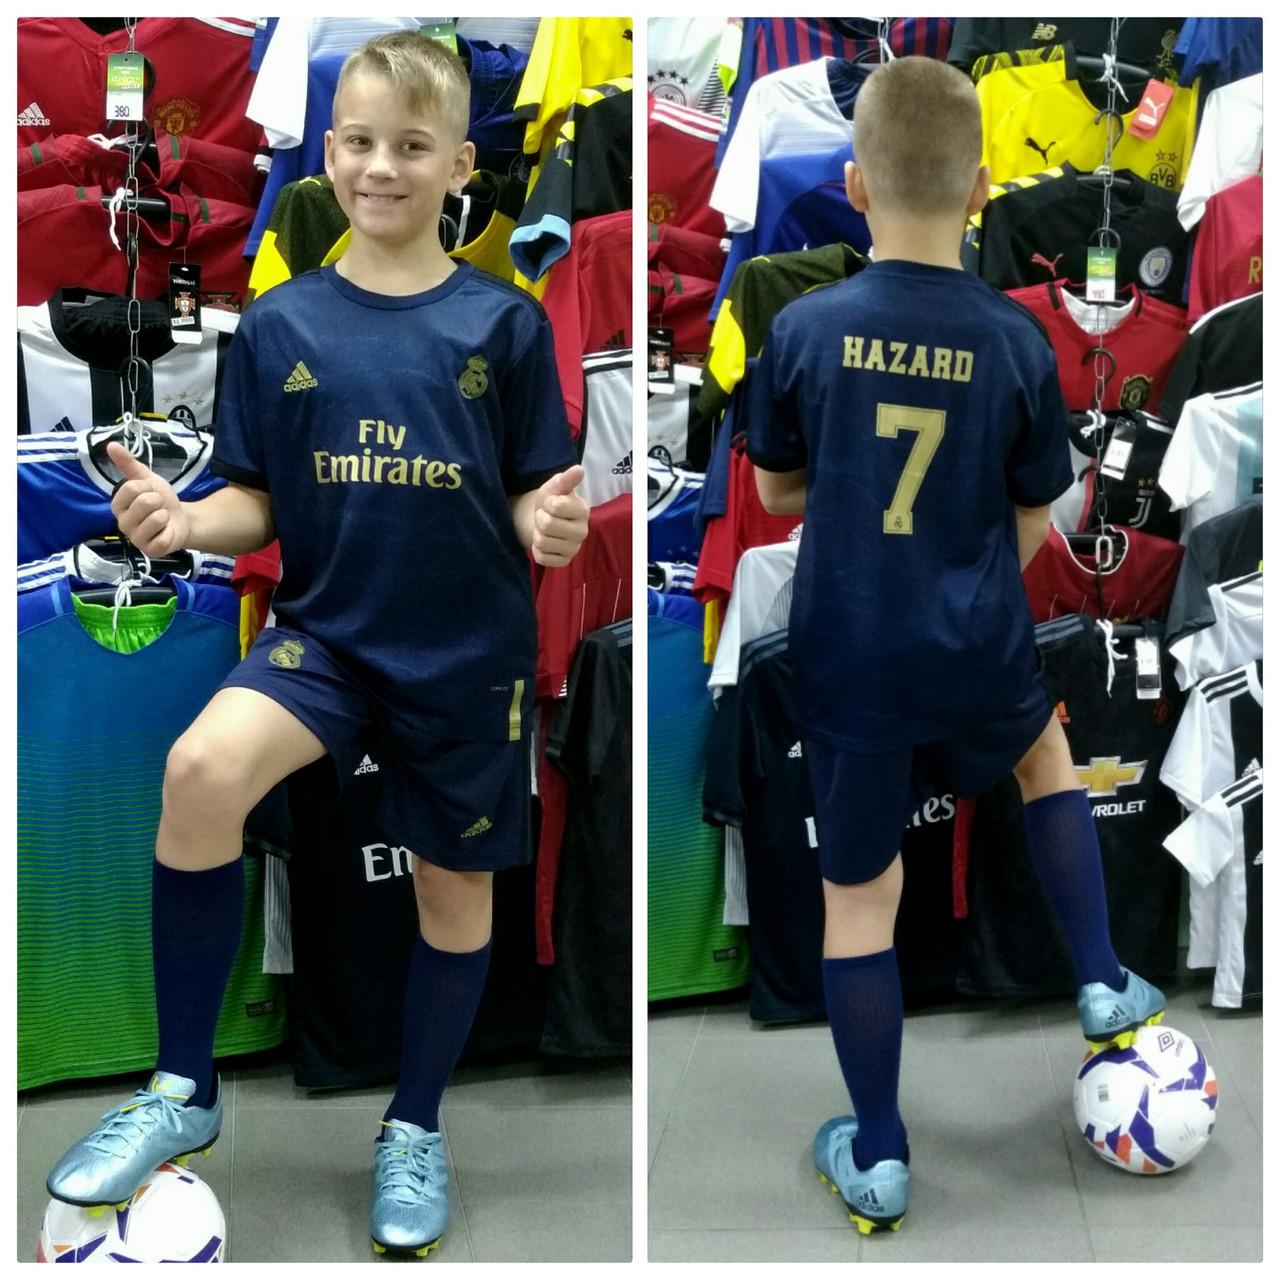 Футбольная форма для детей и подростков ФК Реал Мадрид Hazard сезон 2019-2020 г